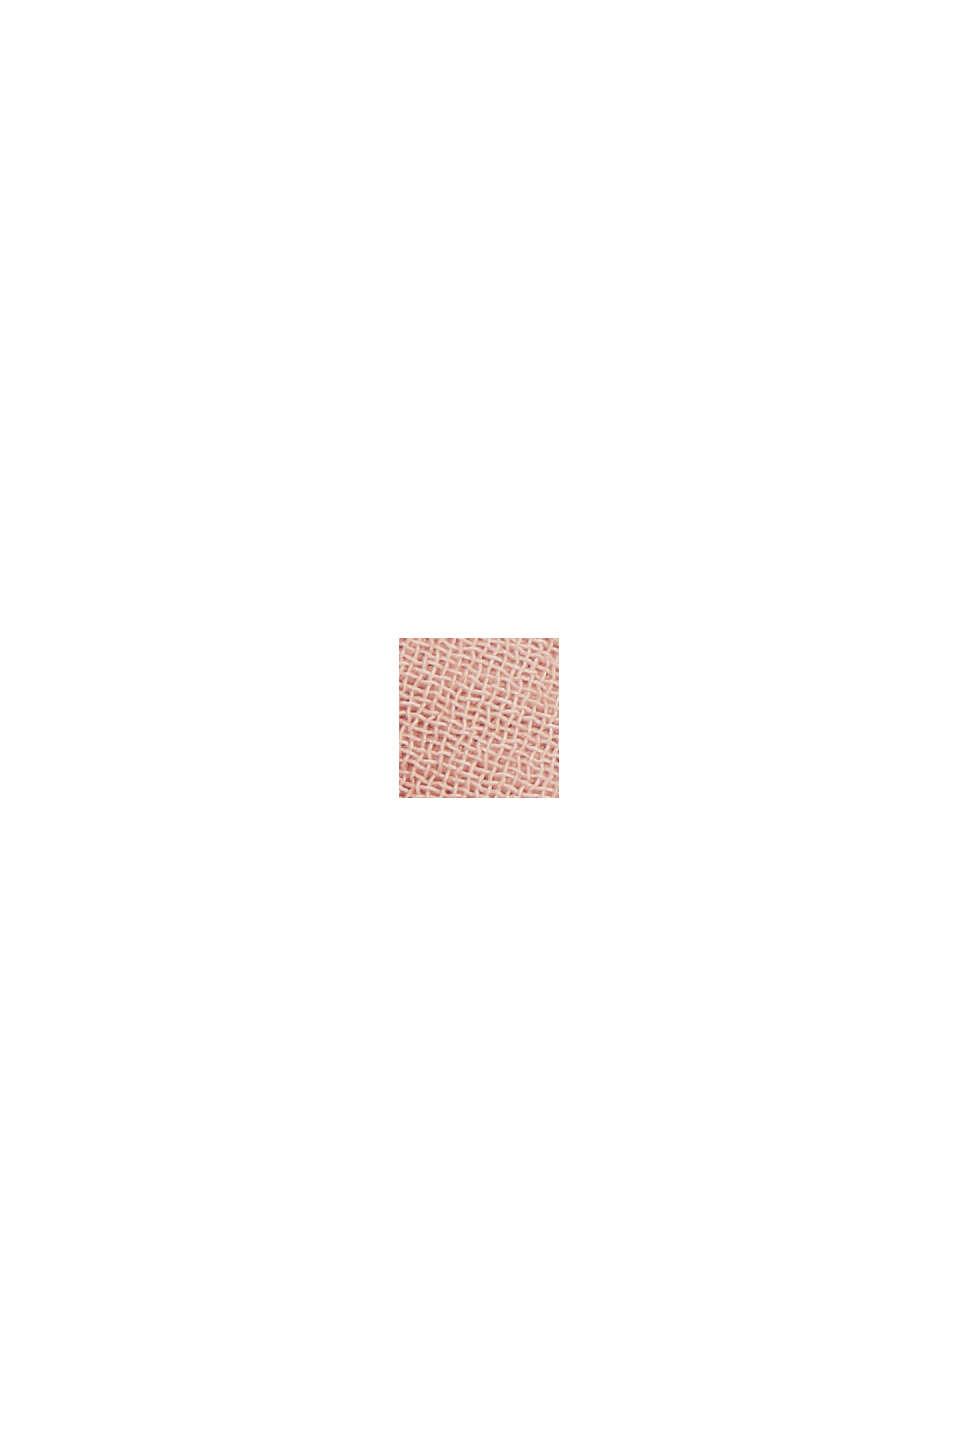 Af genanvendte materialer: Maxi-kjole med sløjfedetalje, NUDE, swatch